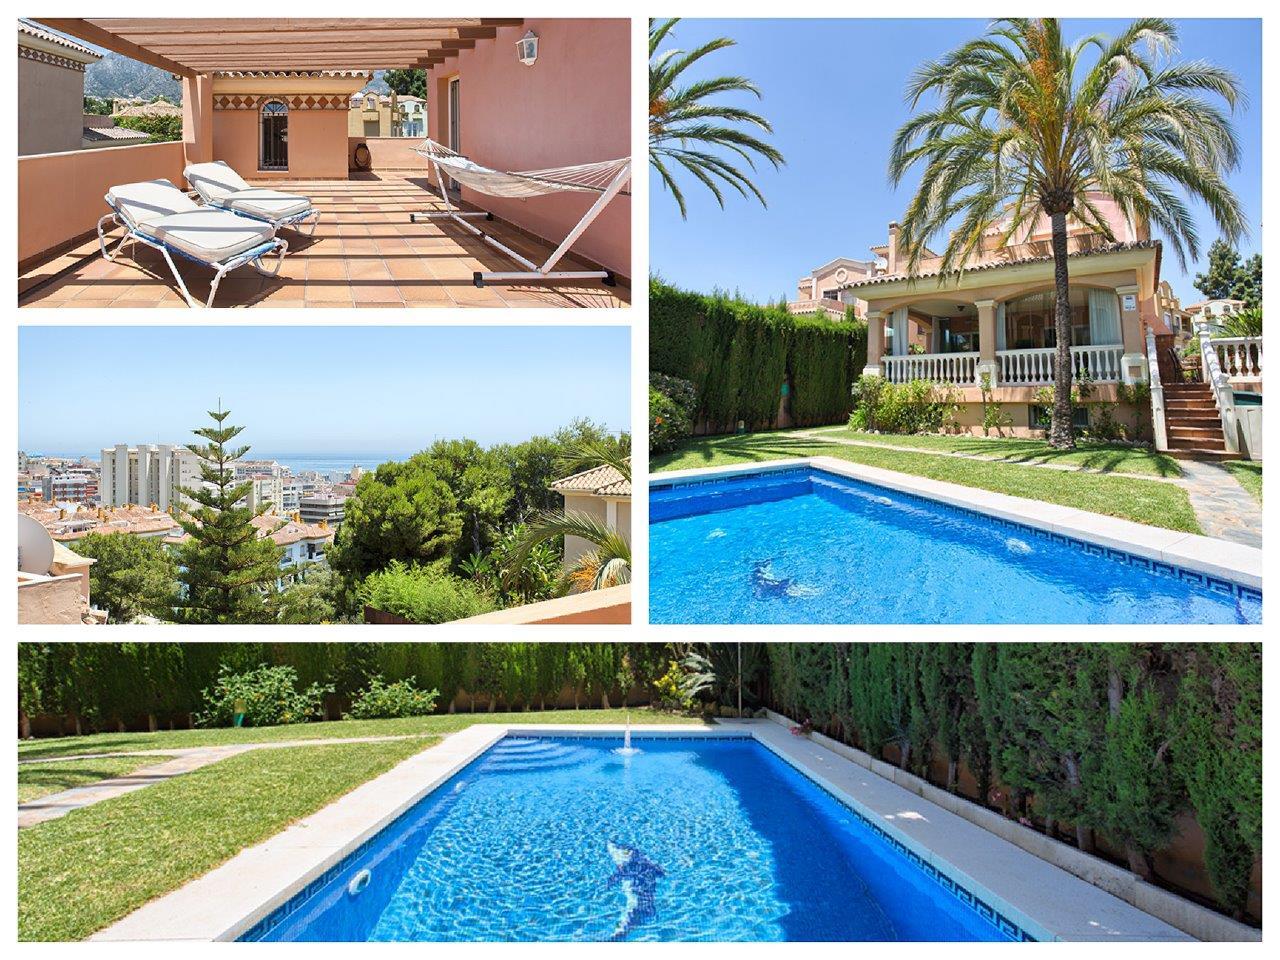 Vrijstaande villa in Marbella centrum te koop